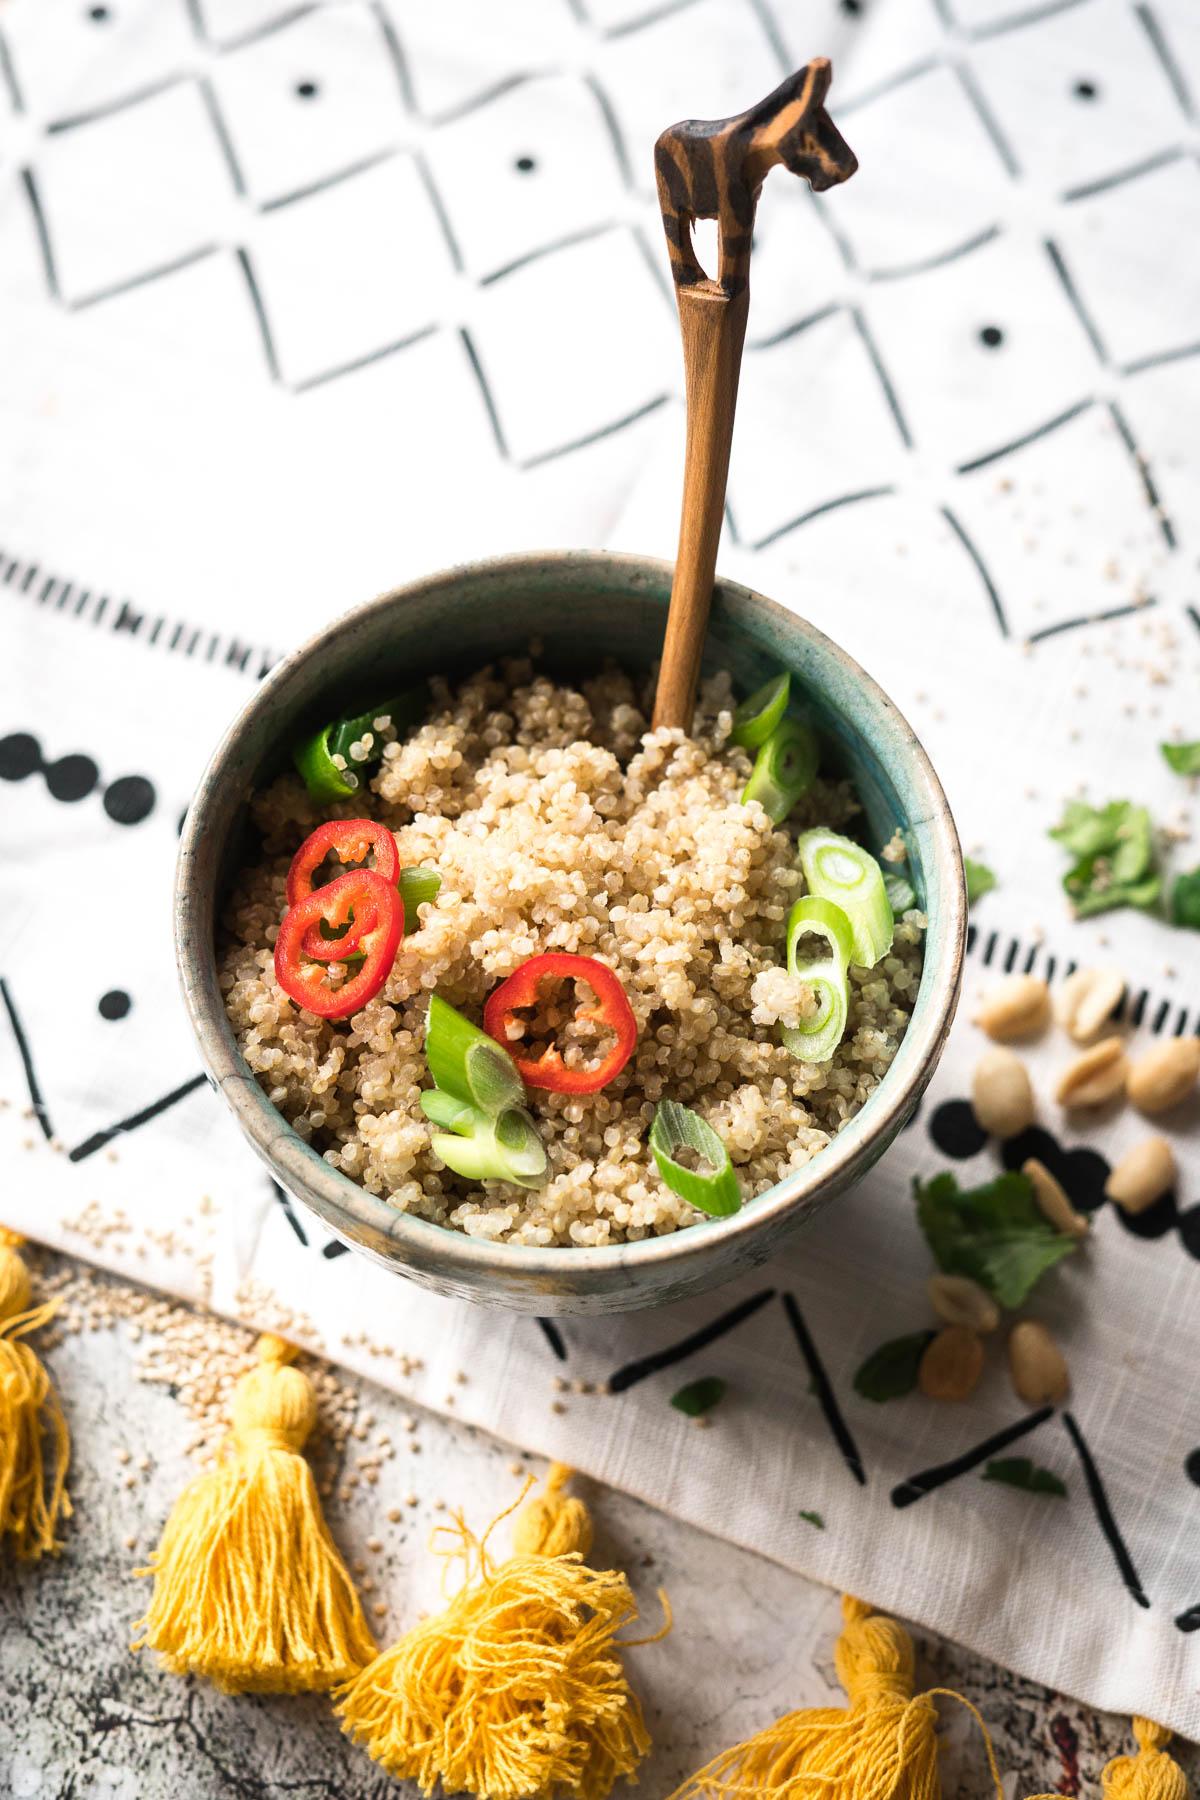 Afrikanische Quinoa von ZUVA fair gehandelt und nachhaltig gebaut |FoxyFood.de